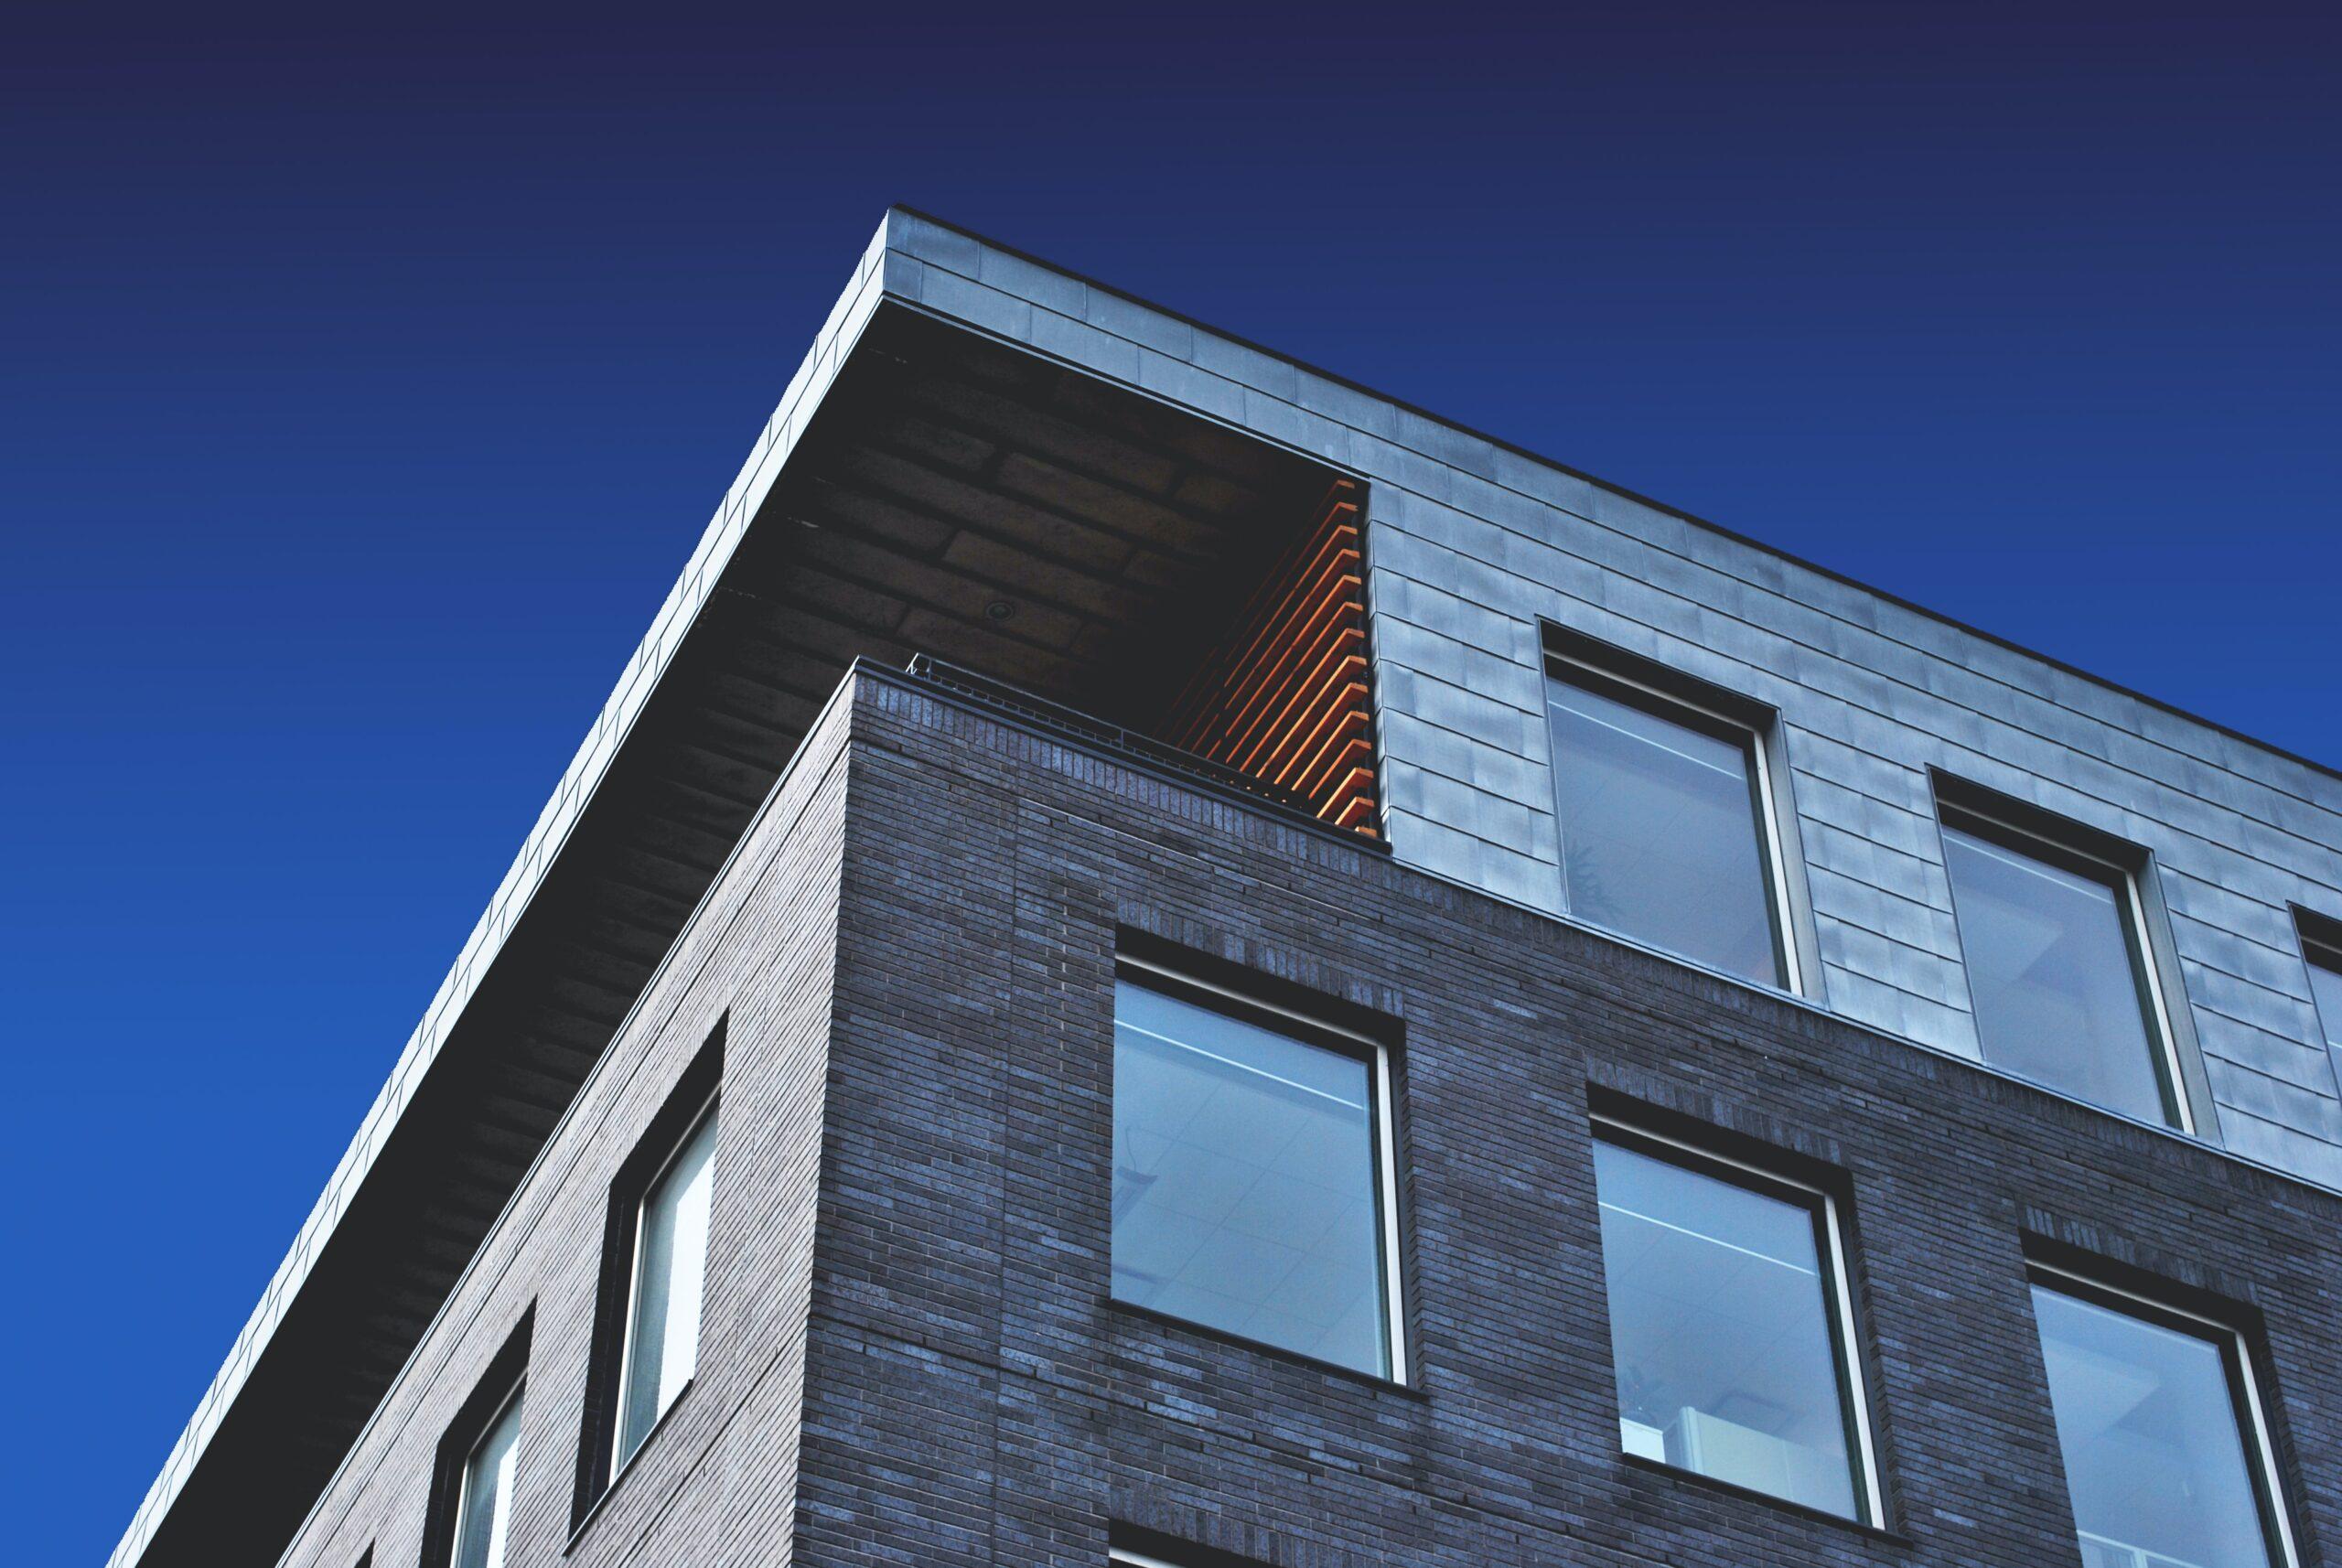 los datos del censo 2020 y su impacto en el análisis del mercado inmobiliario